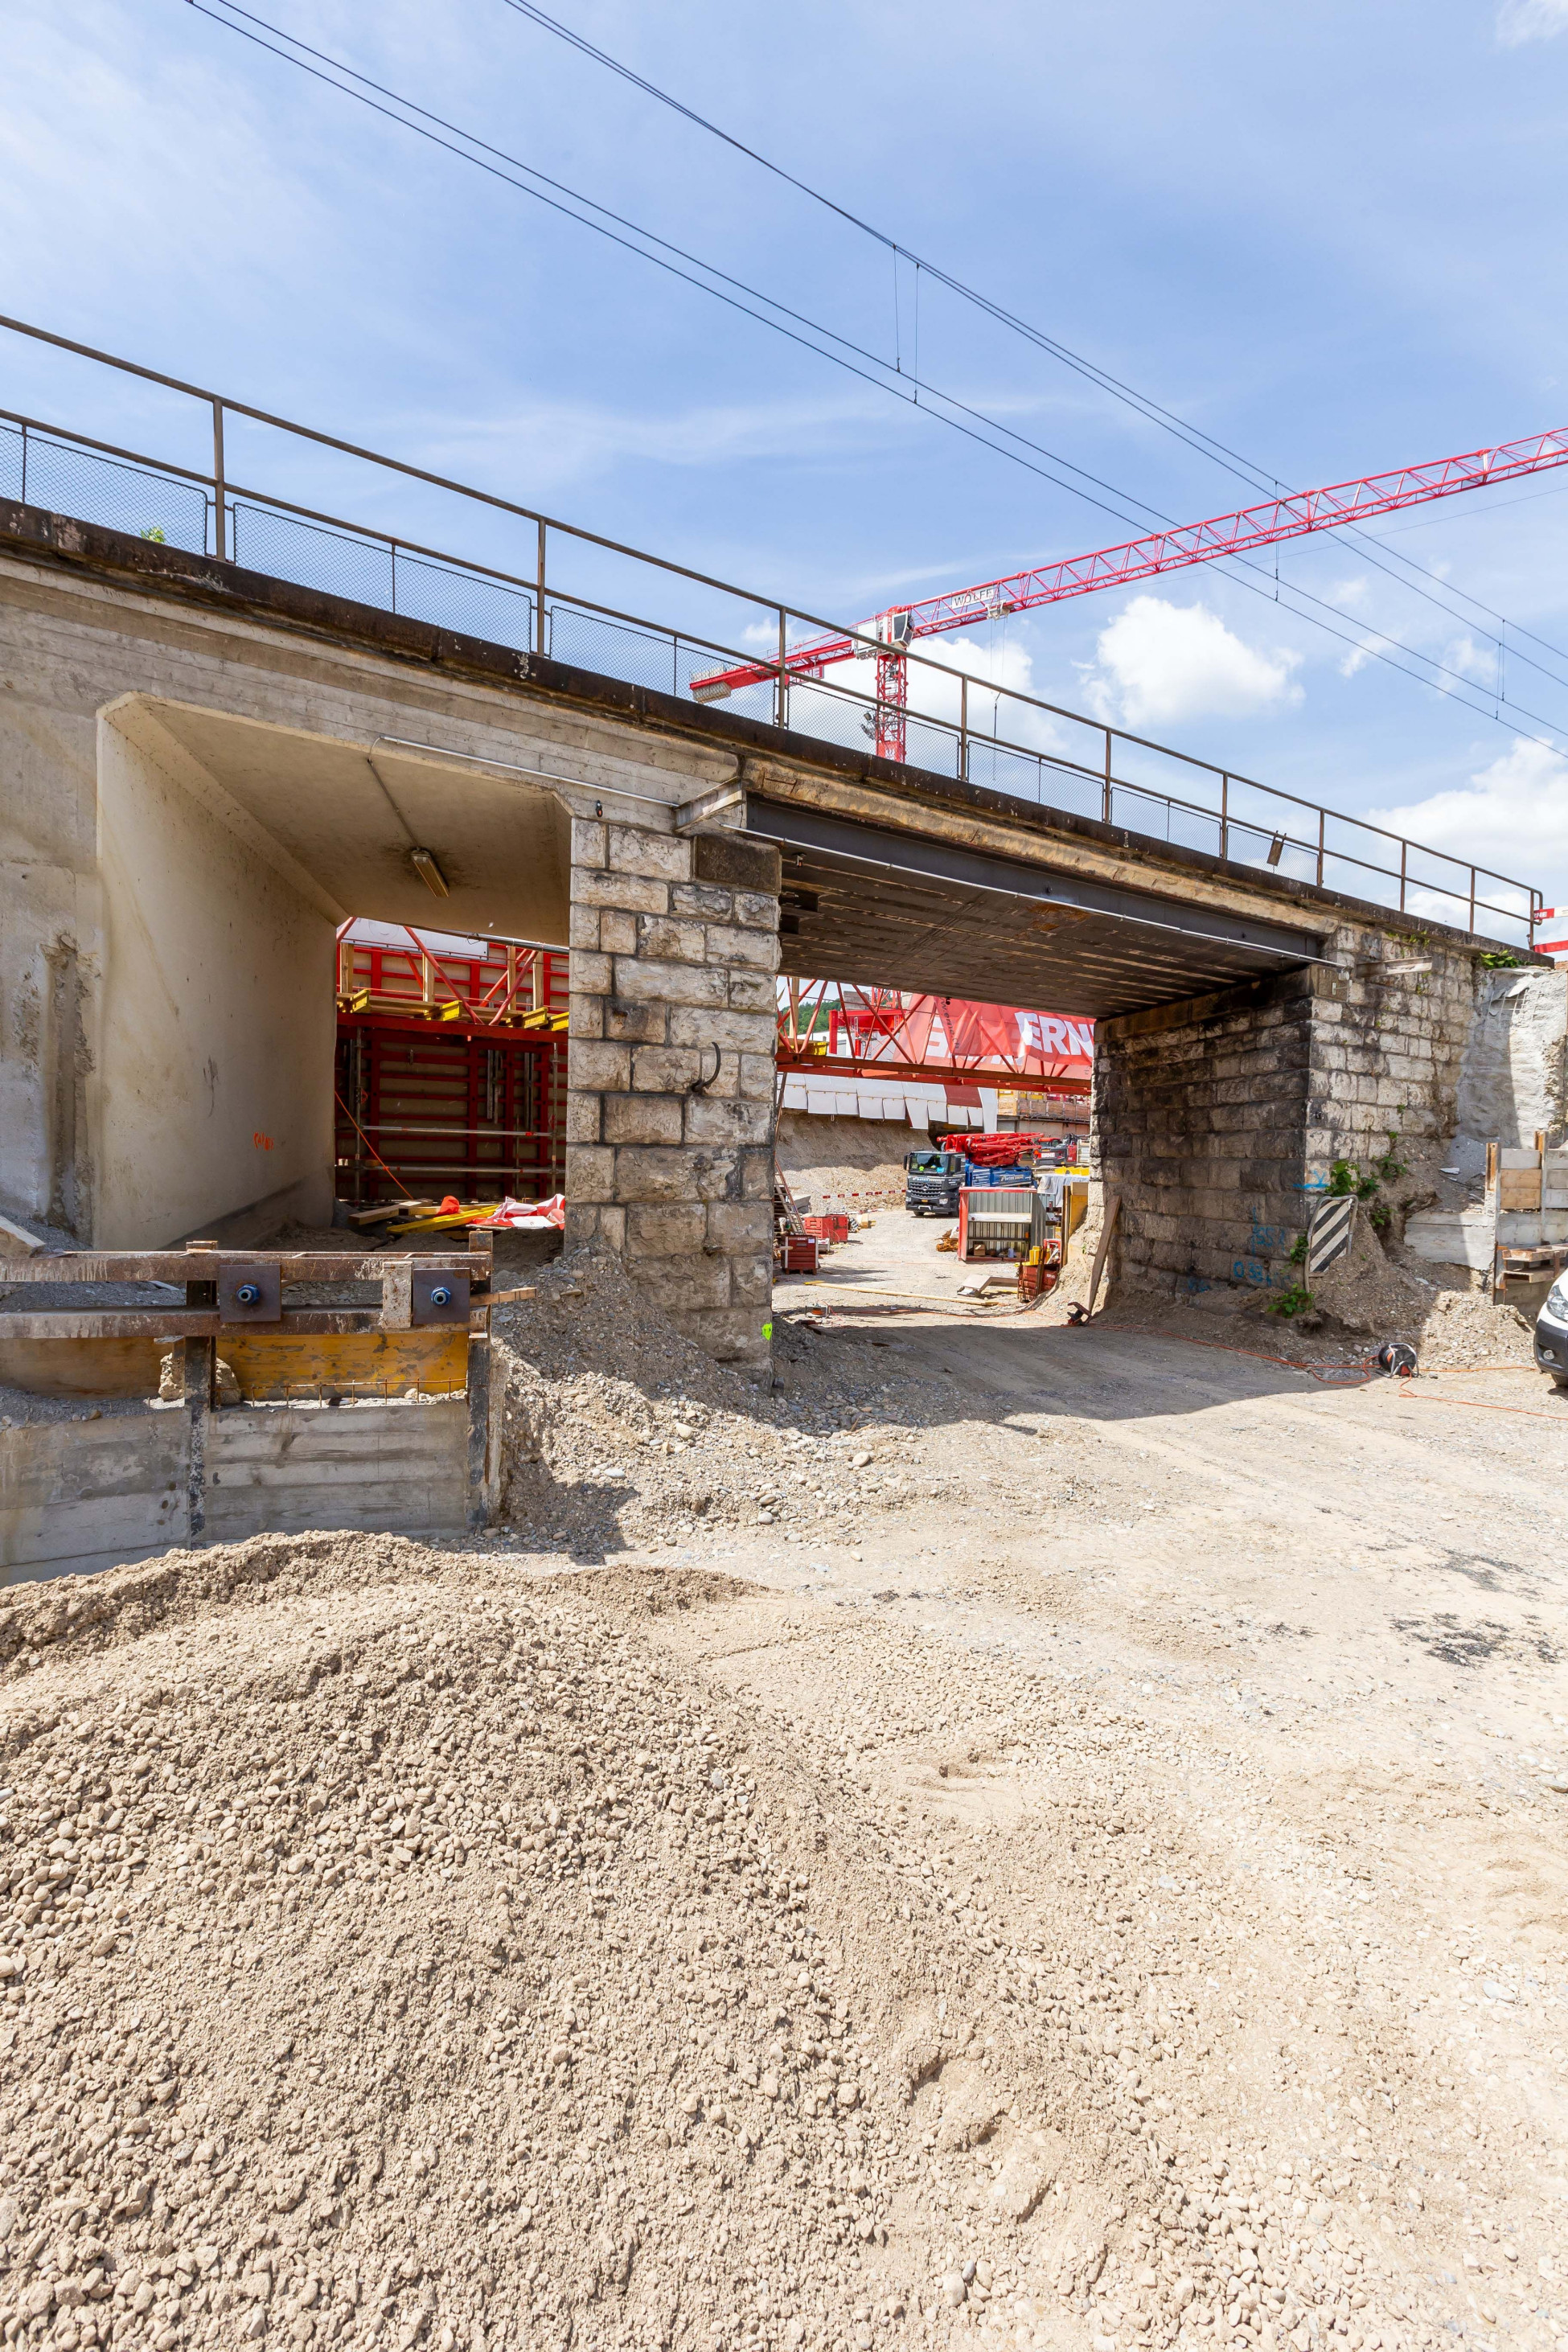 Tiefbau SBB-Brücke Ostumfahrung Bad Zurzach